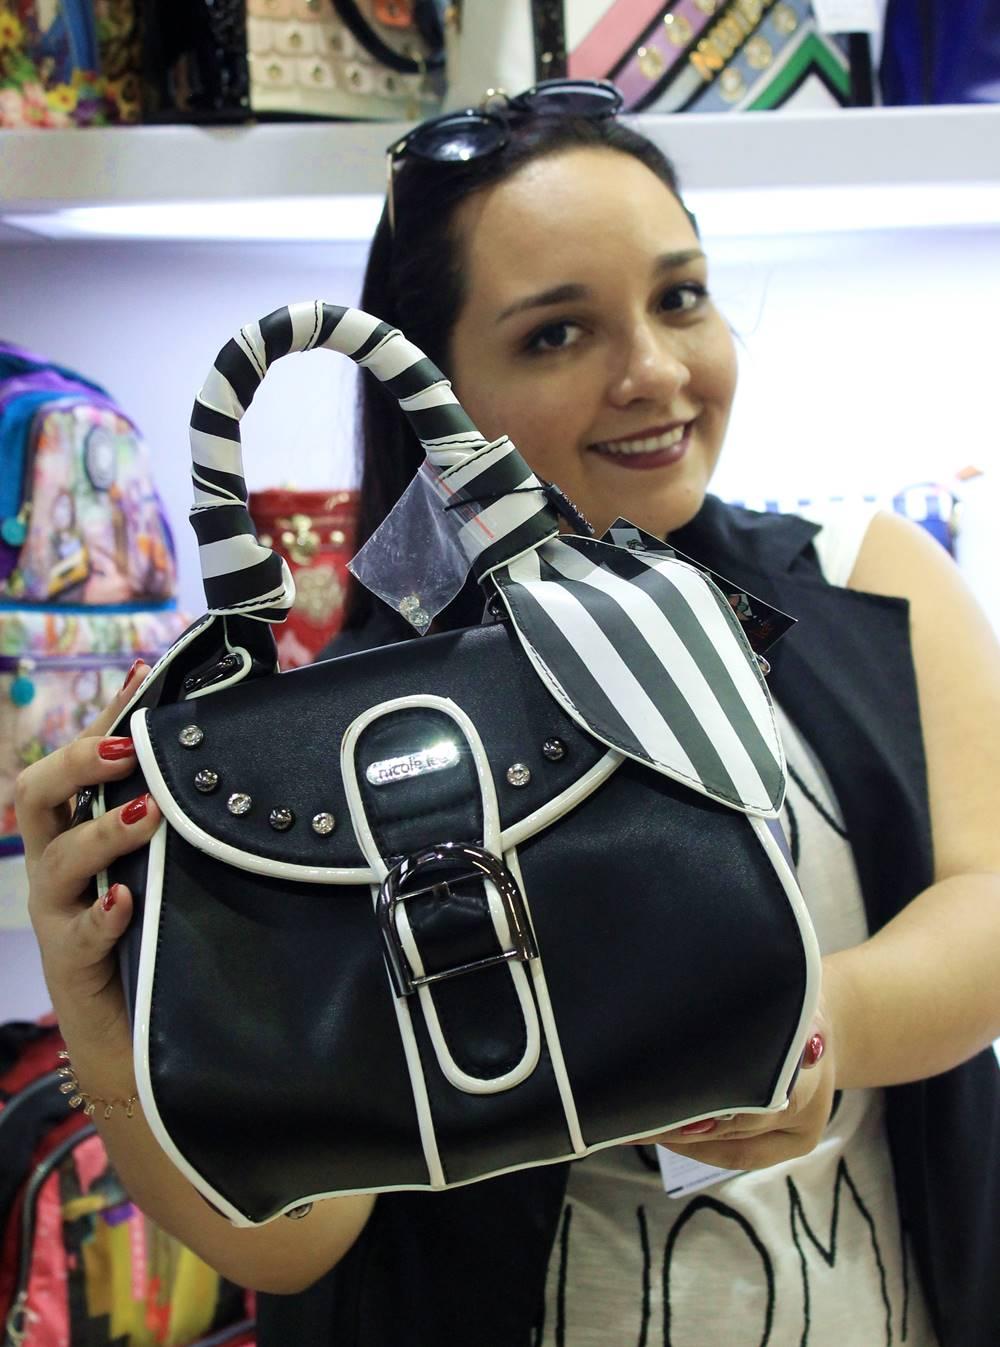 Carol Doria com bolsa Nicole Lee na Couromoda 2018